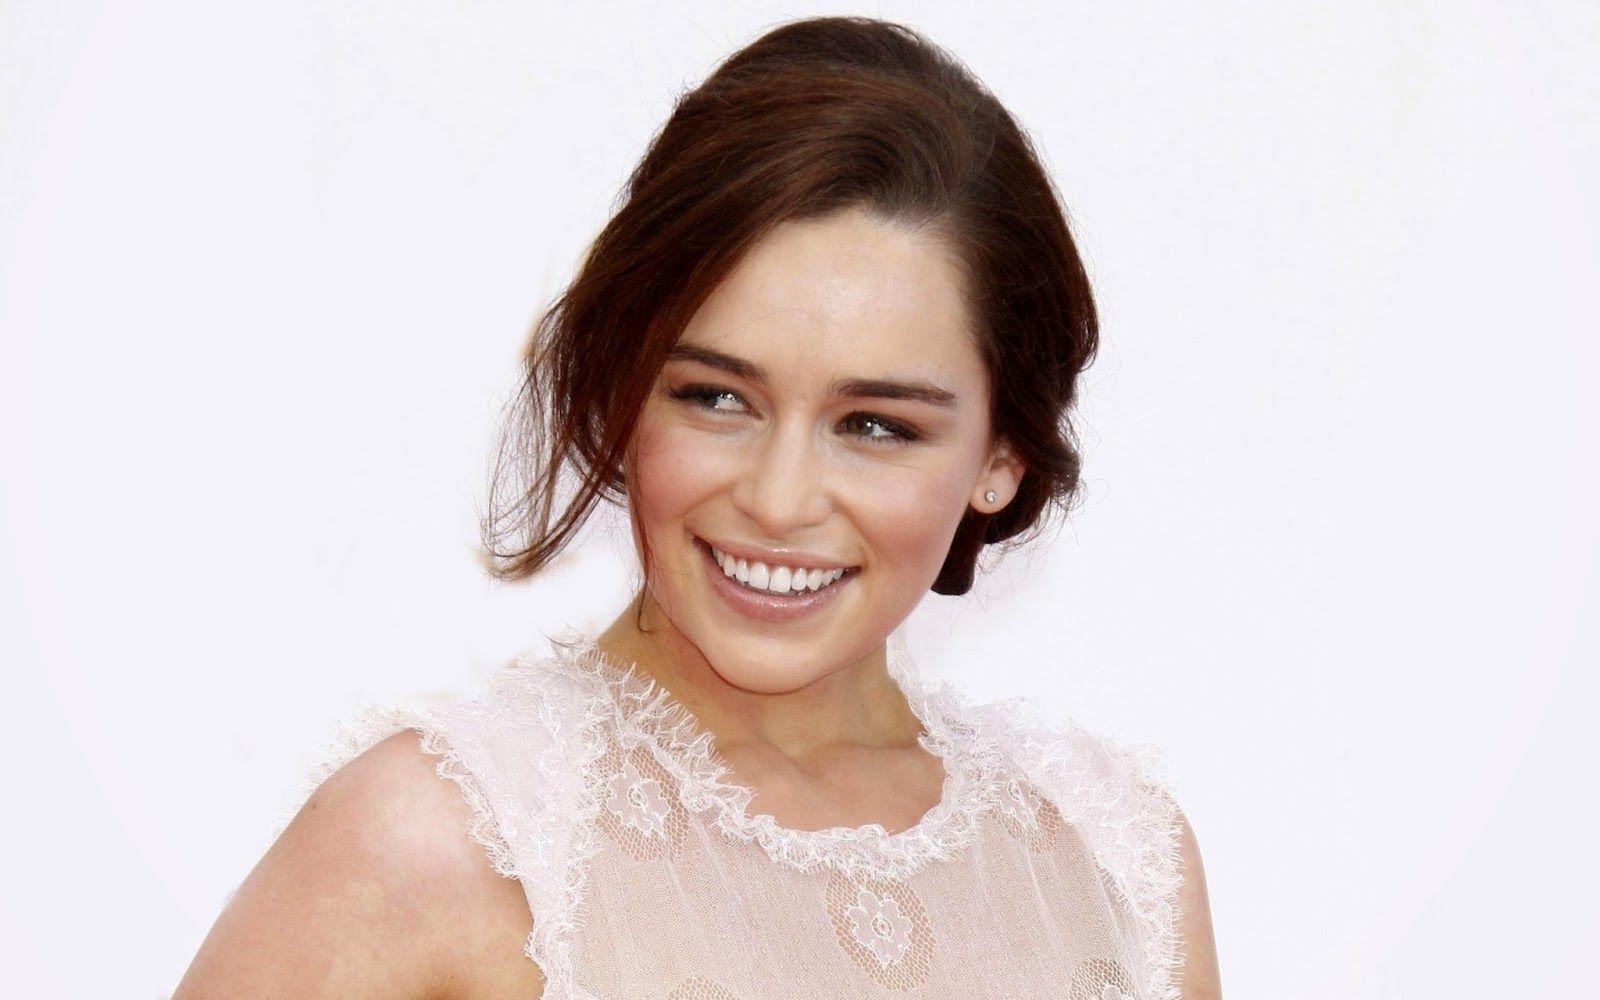 1000 images about emilia clarke on pinterest emilia - Emilia Clarke 9 Jpg 1600 1000